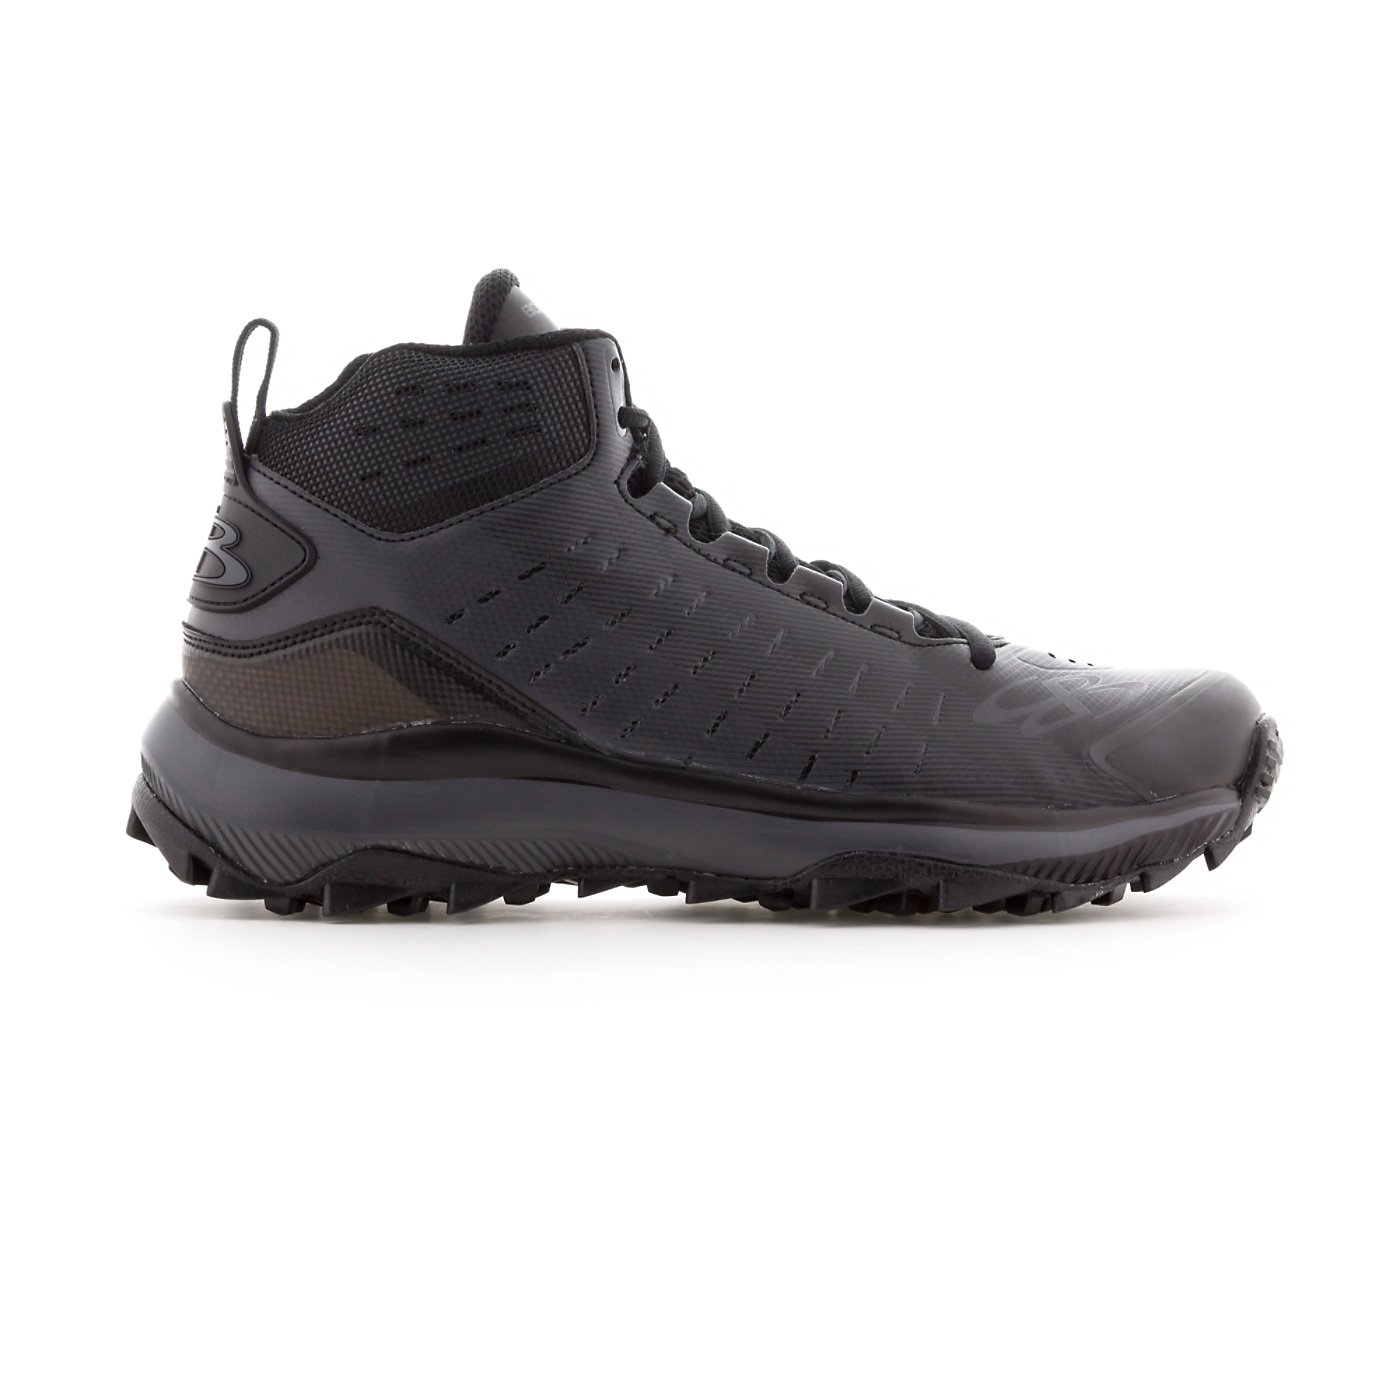 BoombahメンズCatalyst Mid Turf Shoes – 10カラーオプション – 複数のサイズ B07B5JZ6V6 8|ブラック/チャーコール ブラック/チャーコール 8